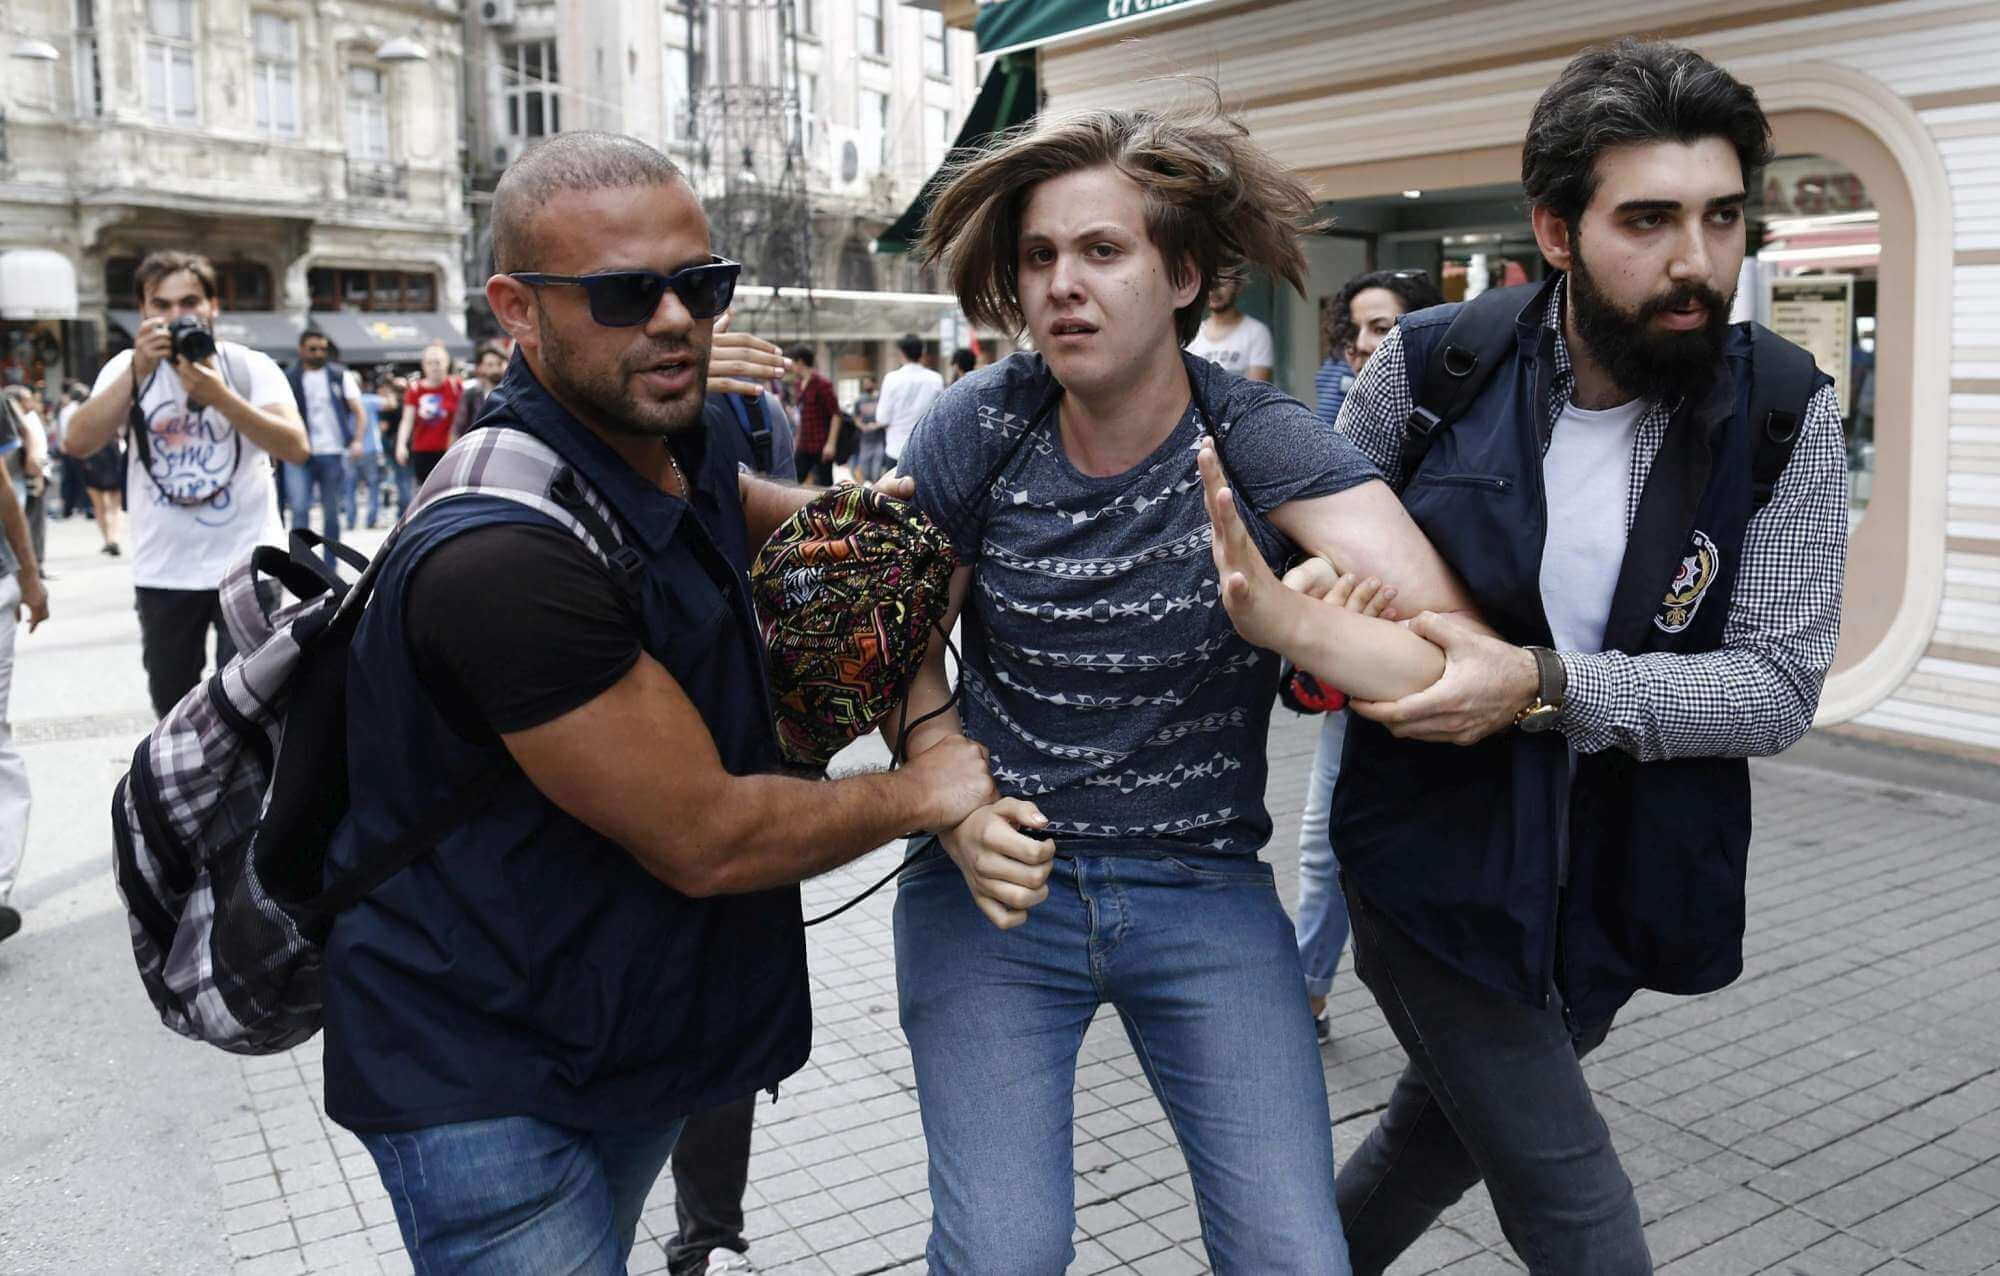 istanbul_pride_3